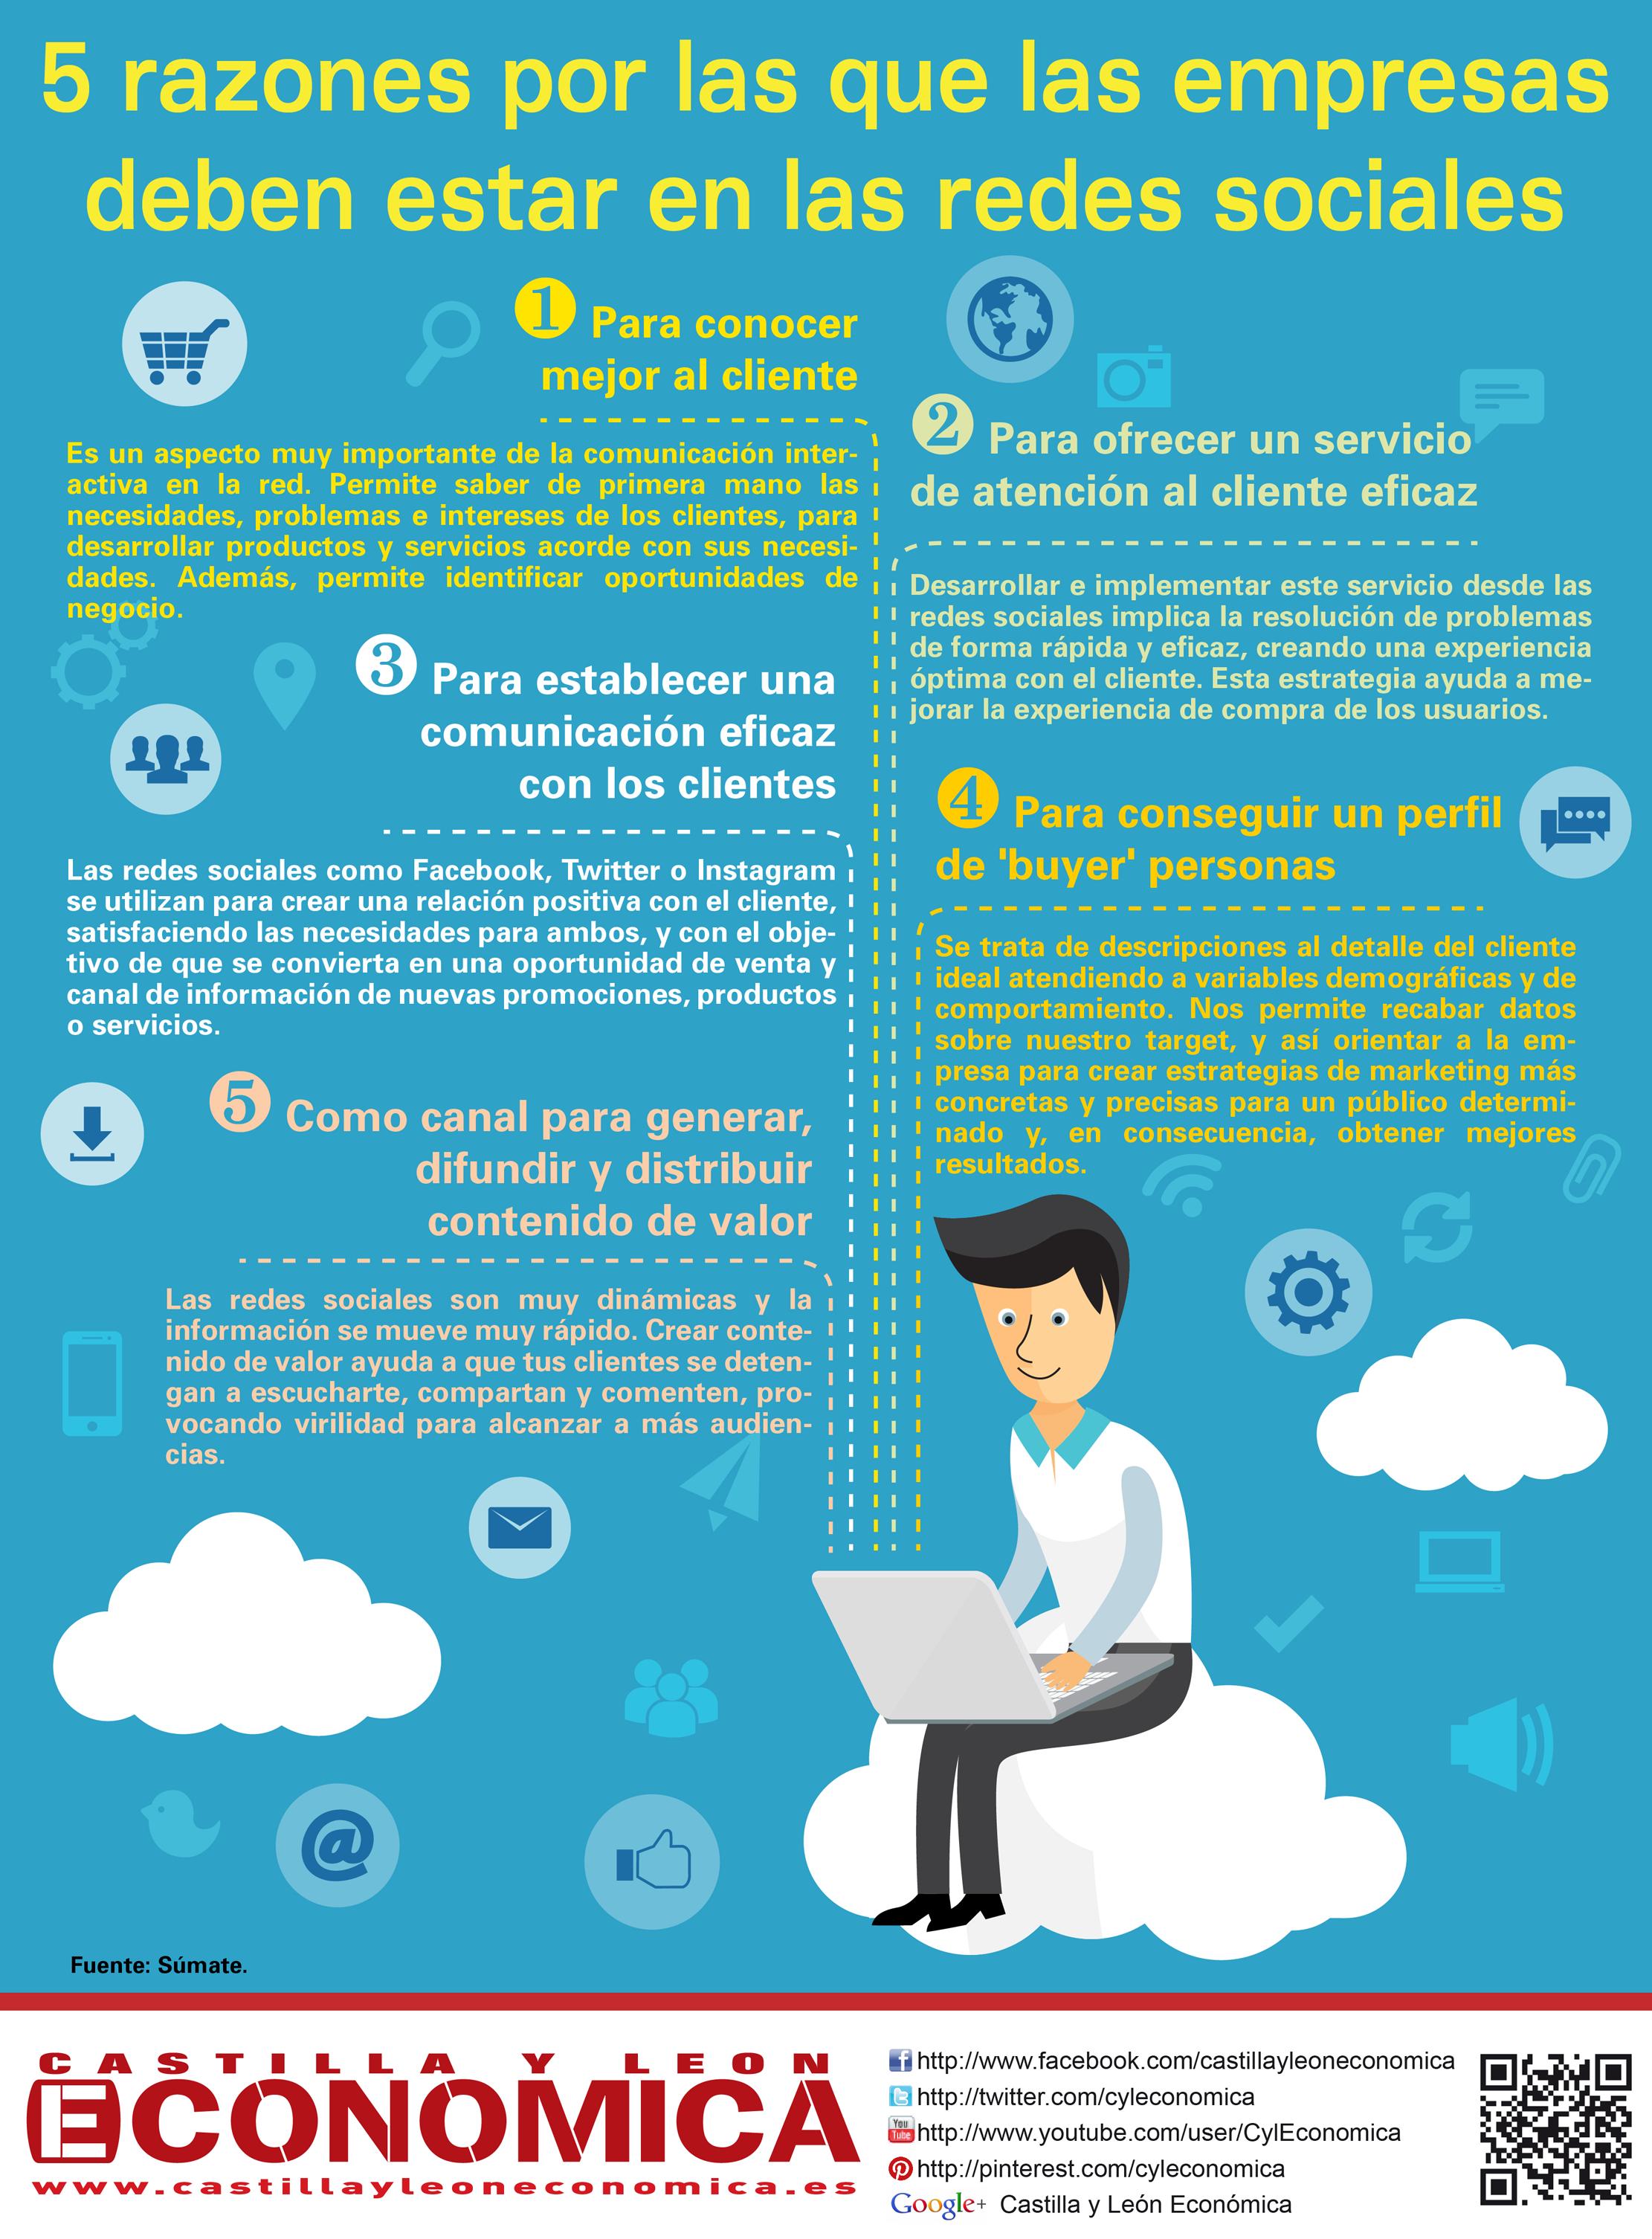 5 razones por las que las empresas deben estar en Redes Sociales #infografia #socialmedia